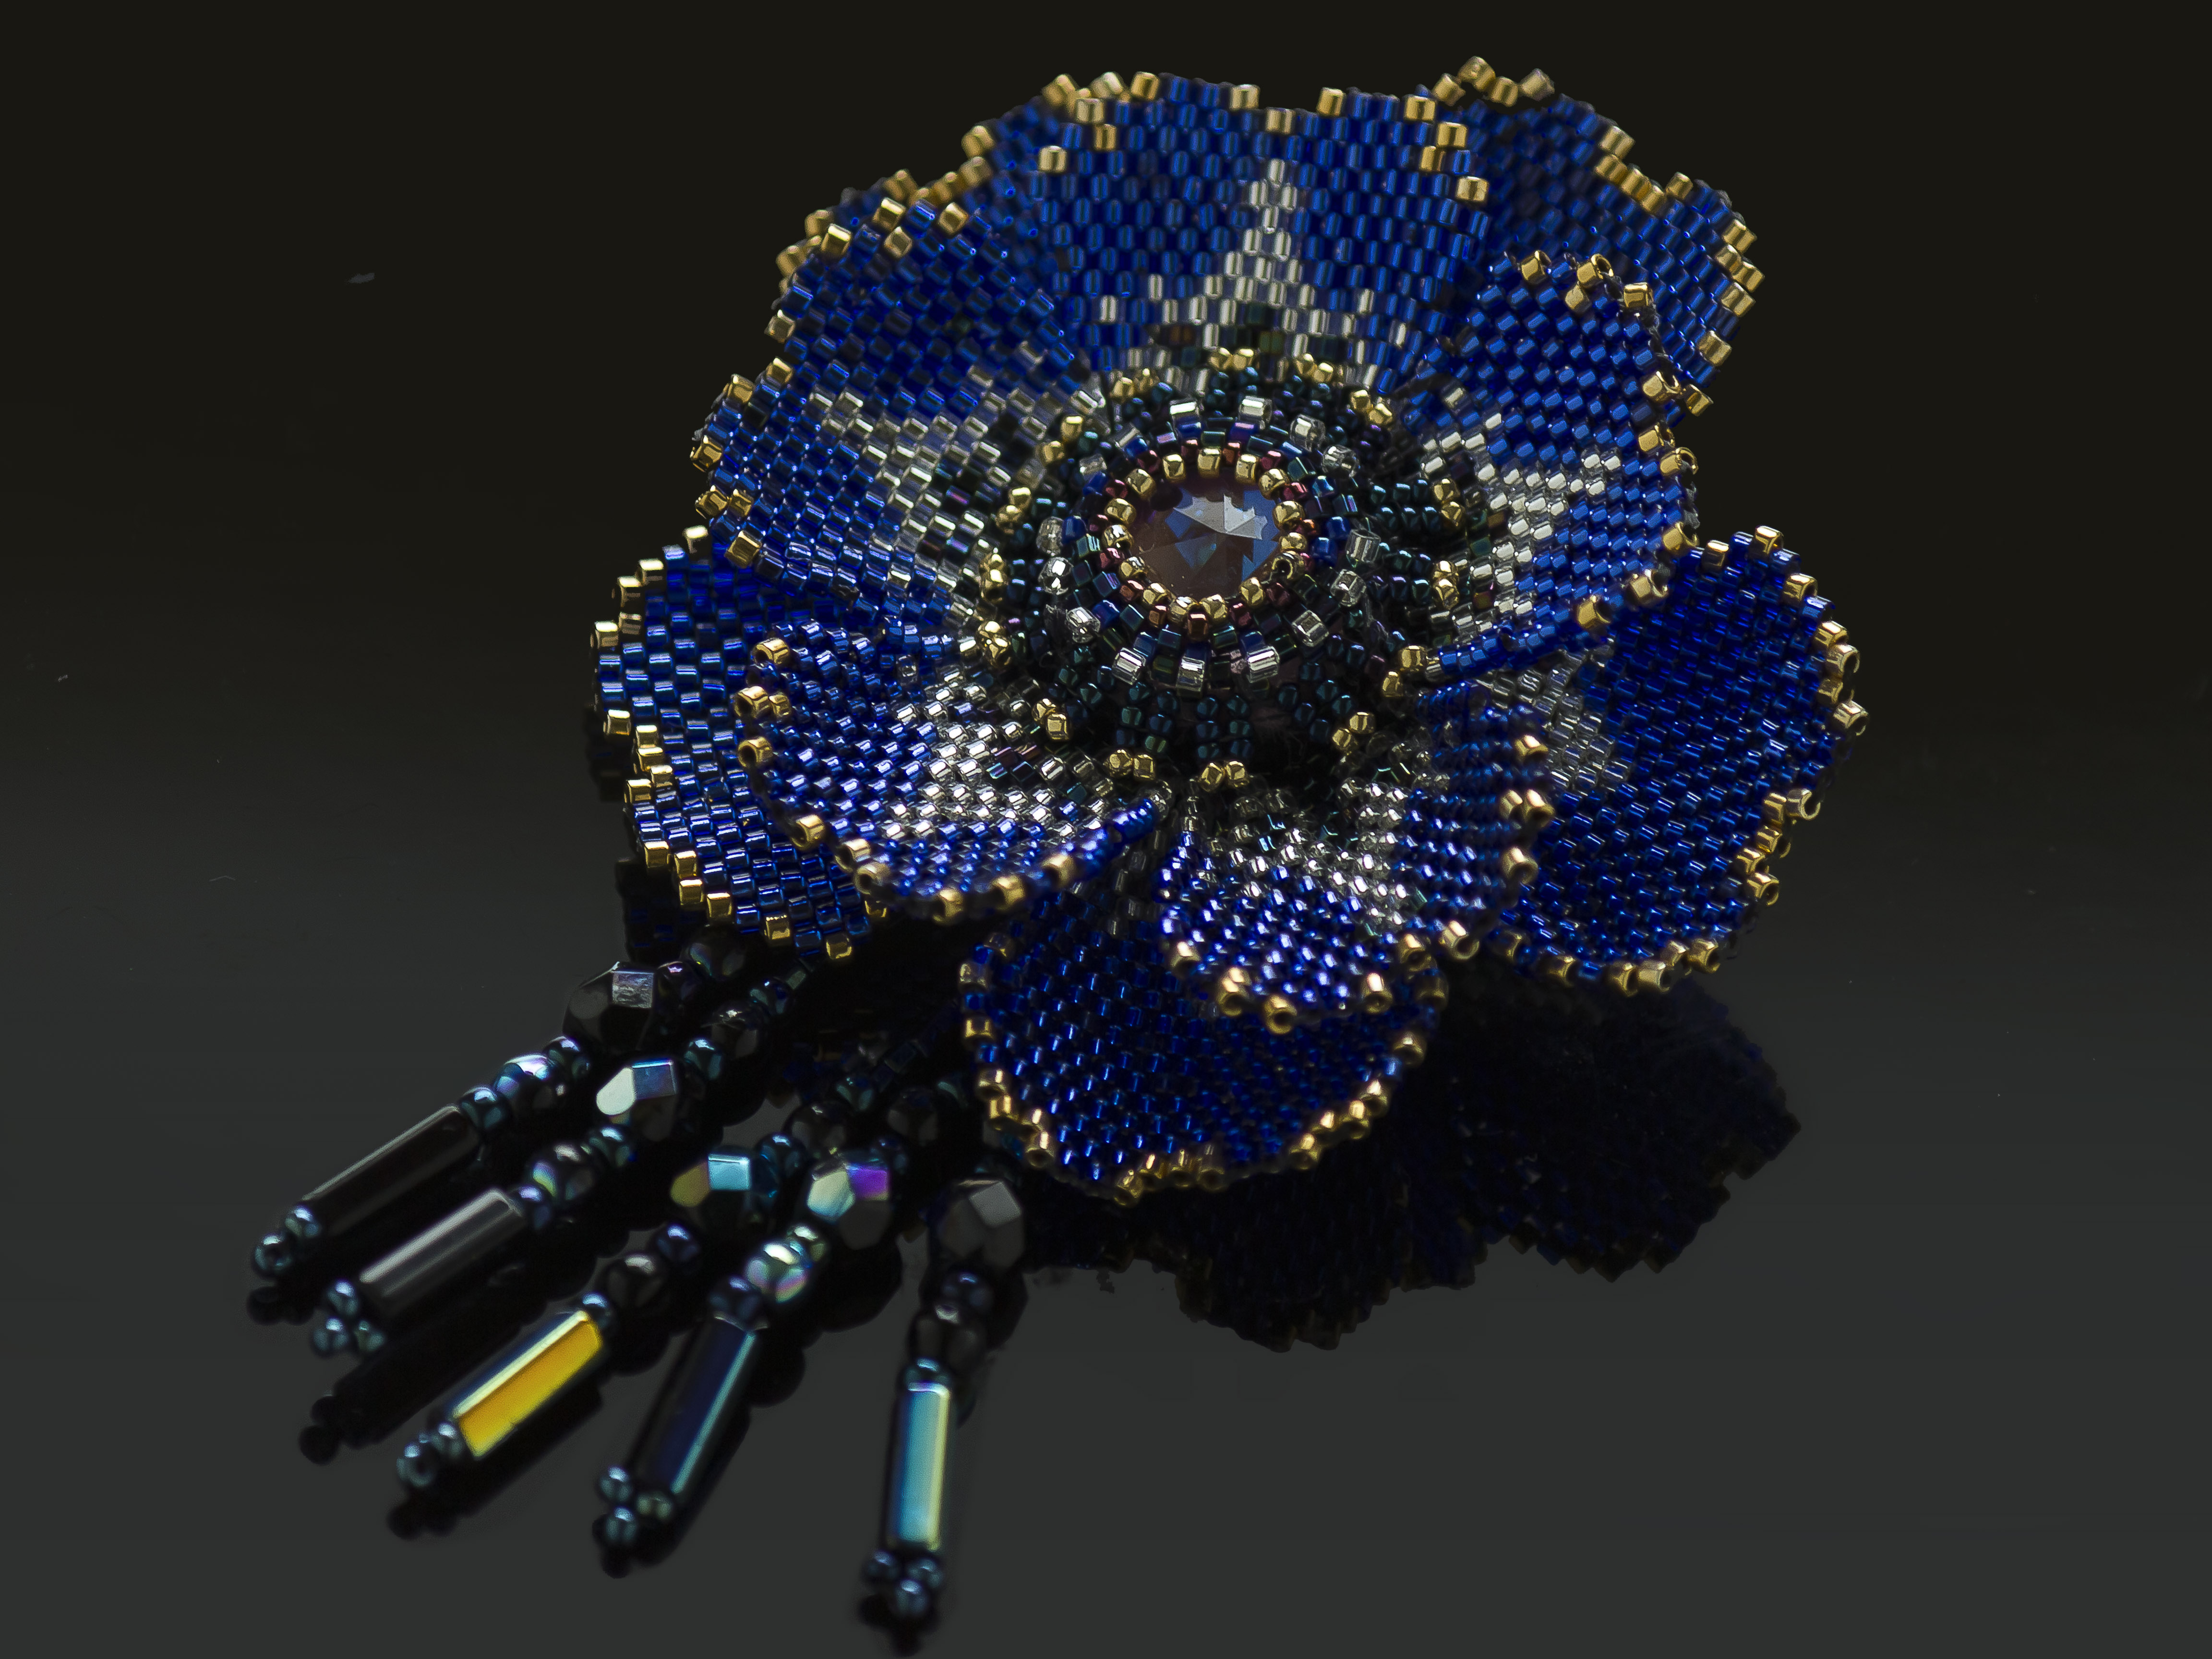 ブルーのキラキラエキゾチックビーズコサージュ